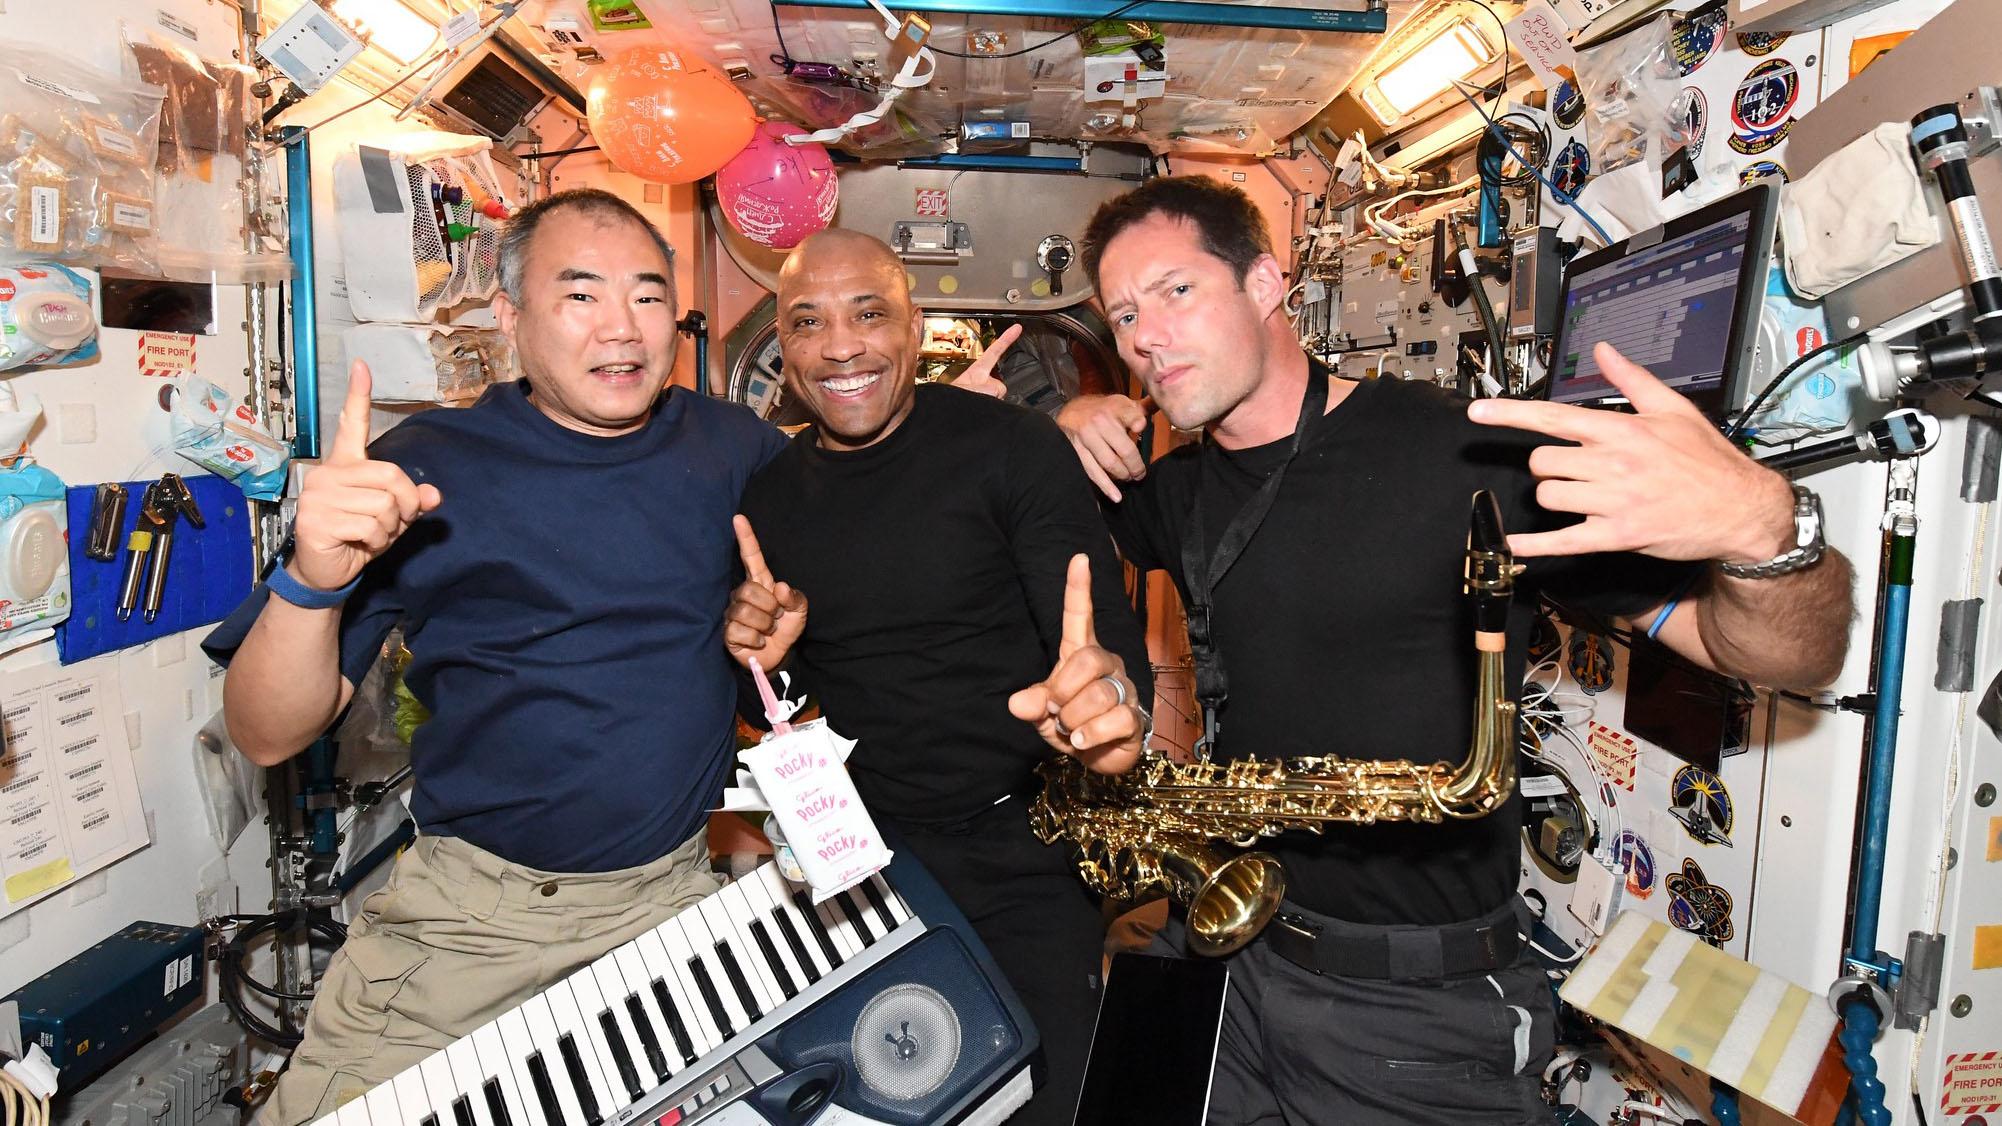 La nuit a été folle à bord de la Station spatiale internationale alors que l'équipage de onze astronautes a célébré le 45e anniversaire de l'astronaute de la NASA Victor Glover.  Mais qui a fait le ménage après ?